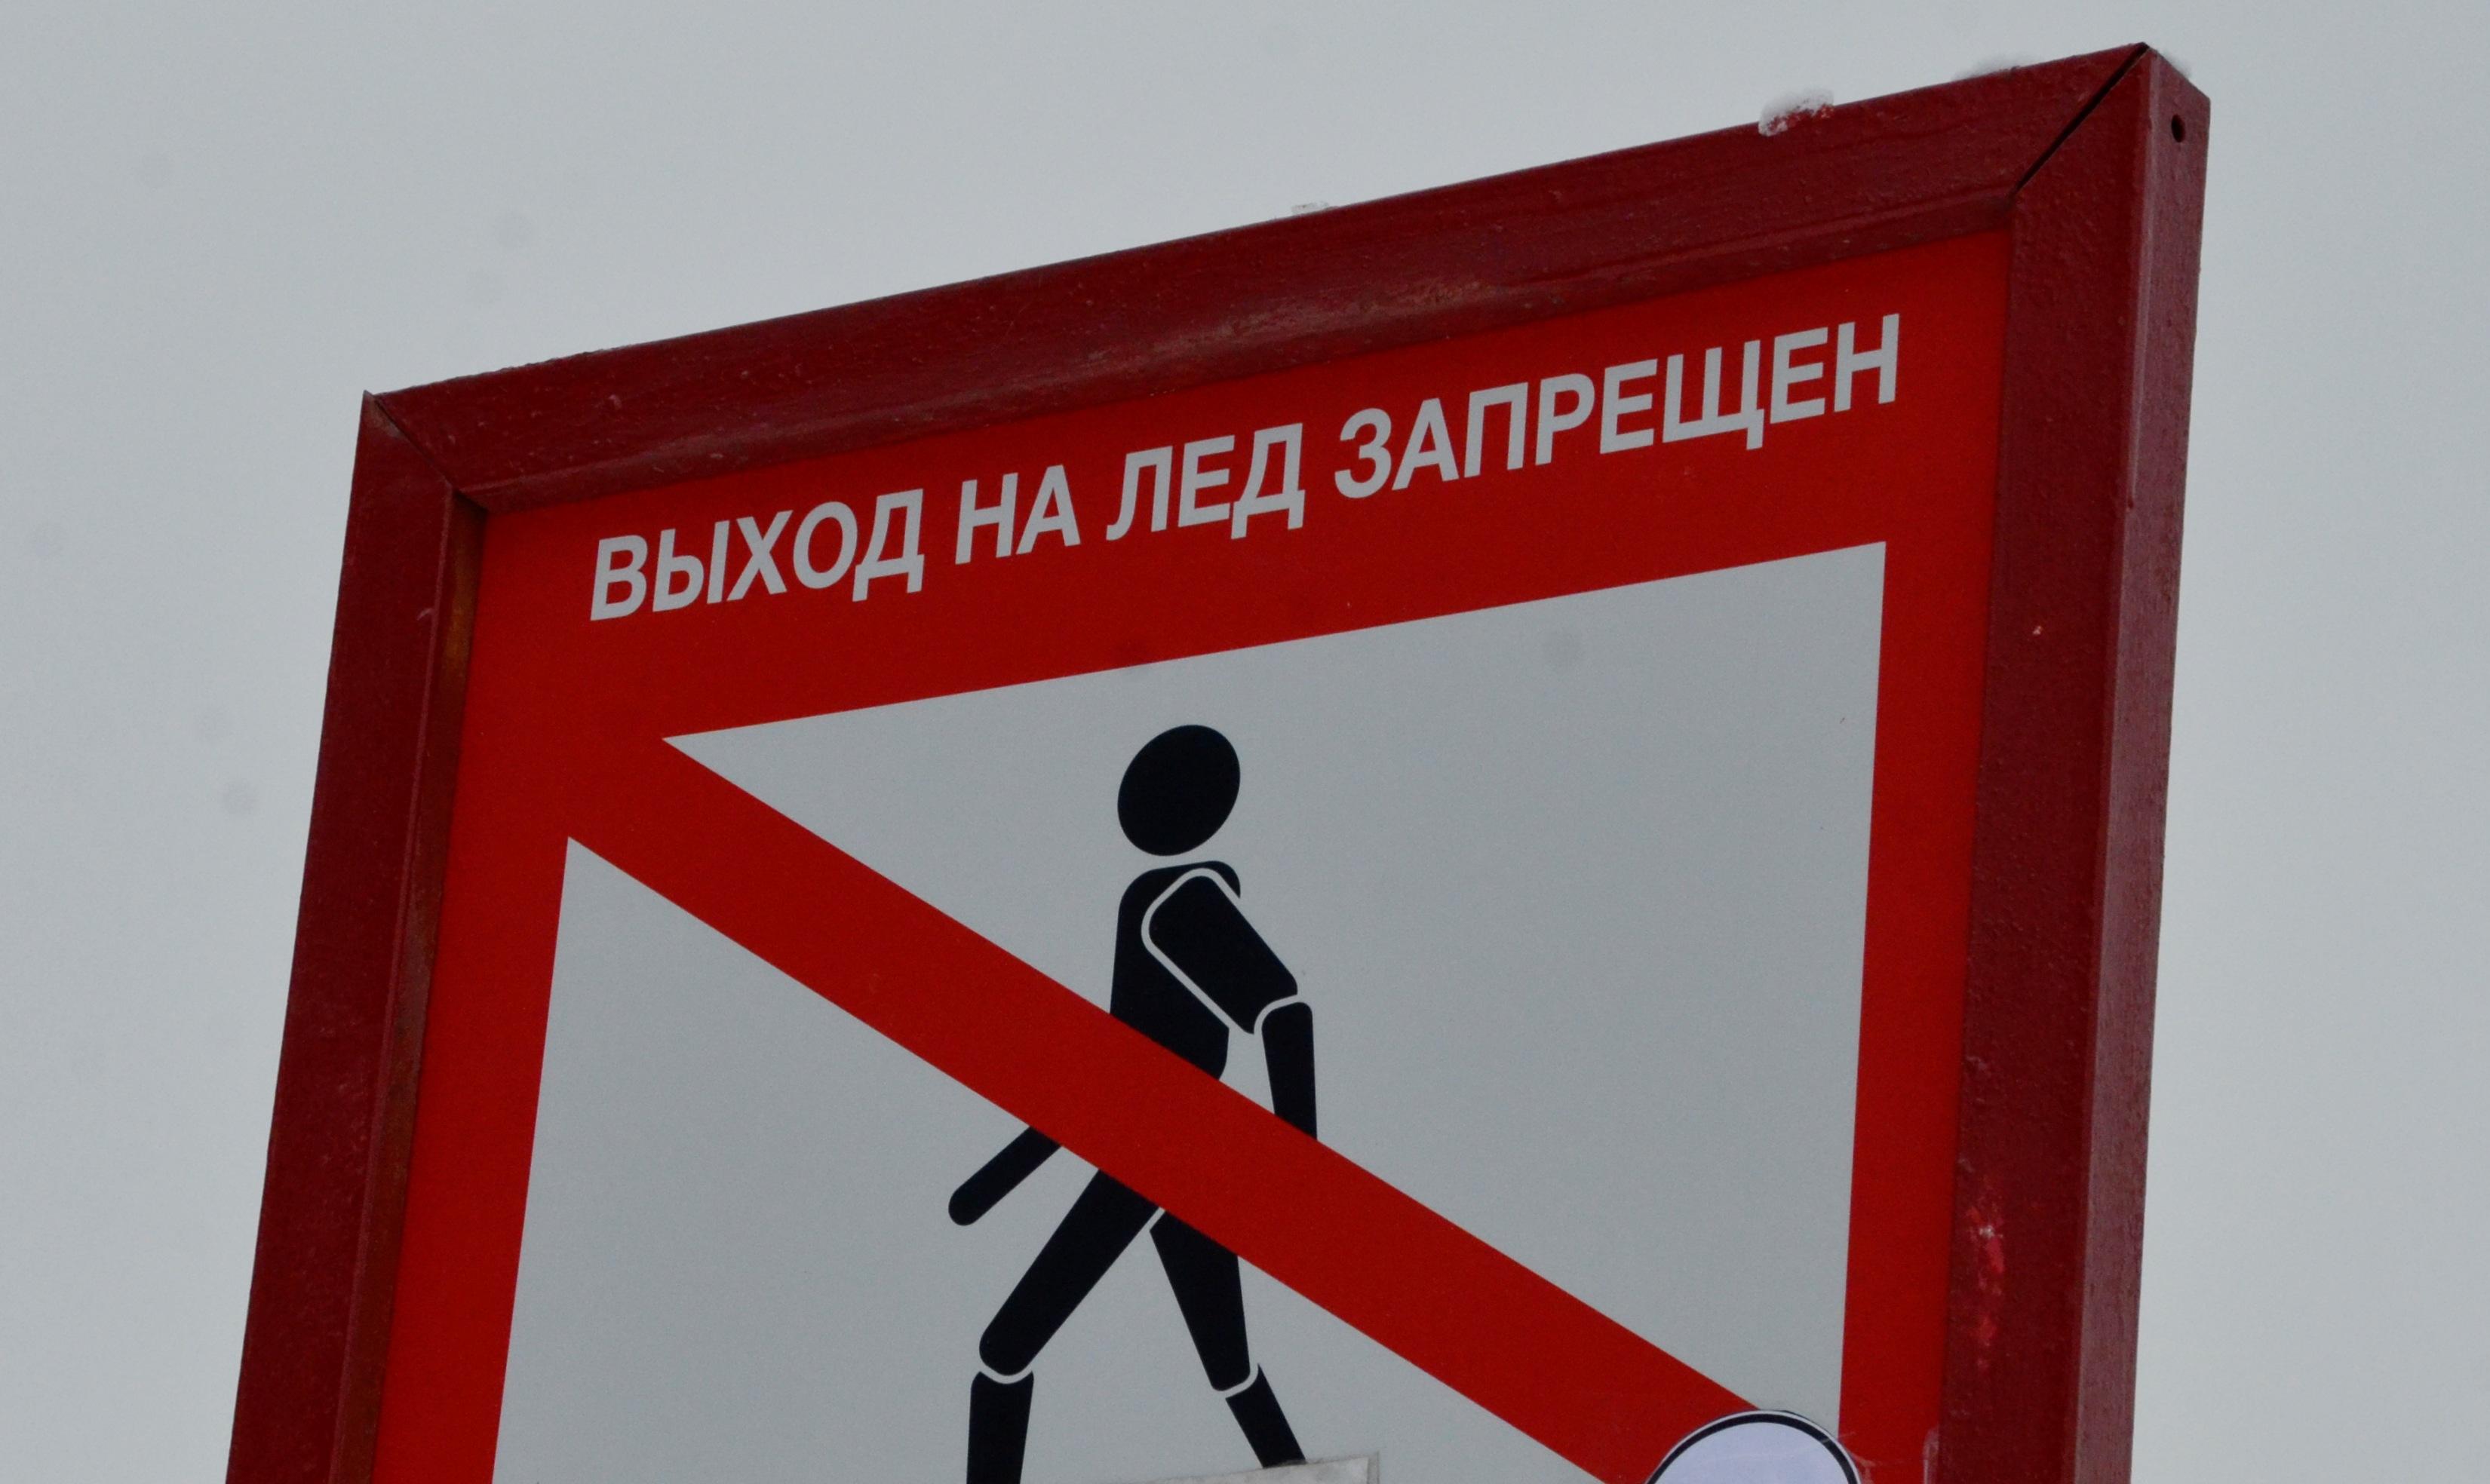 Сотрудники подрядной организации проверили знаки безопасности у водоемов в Филимонковском